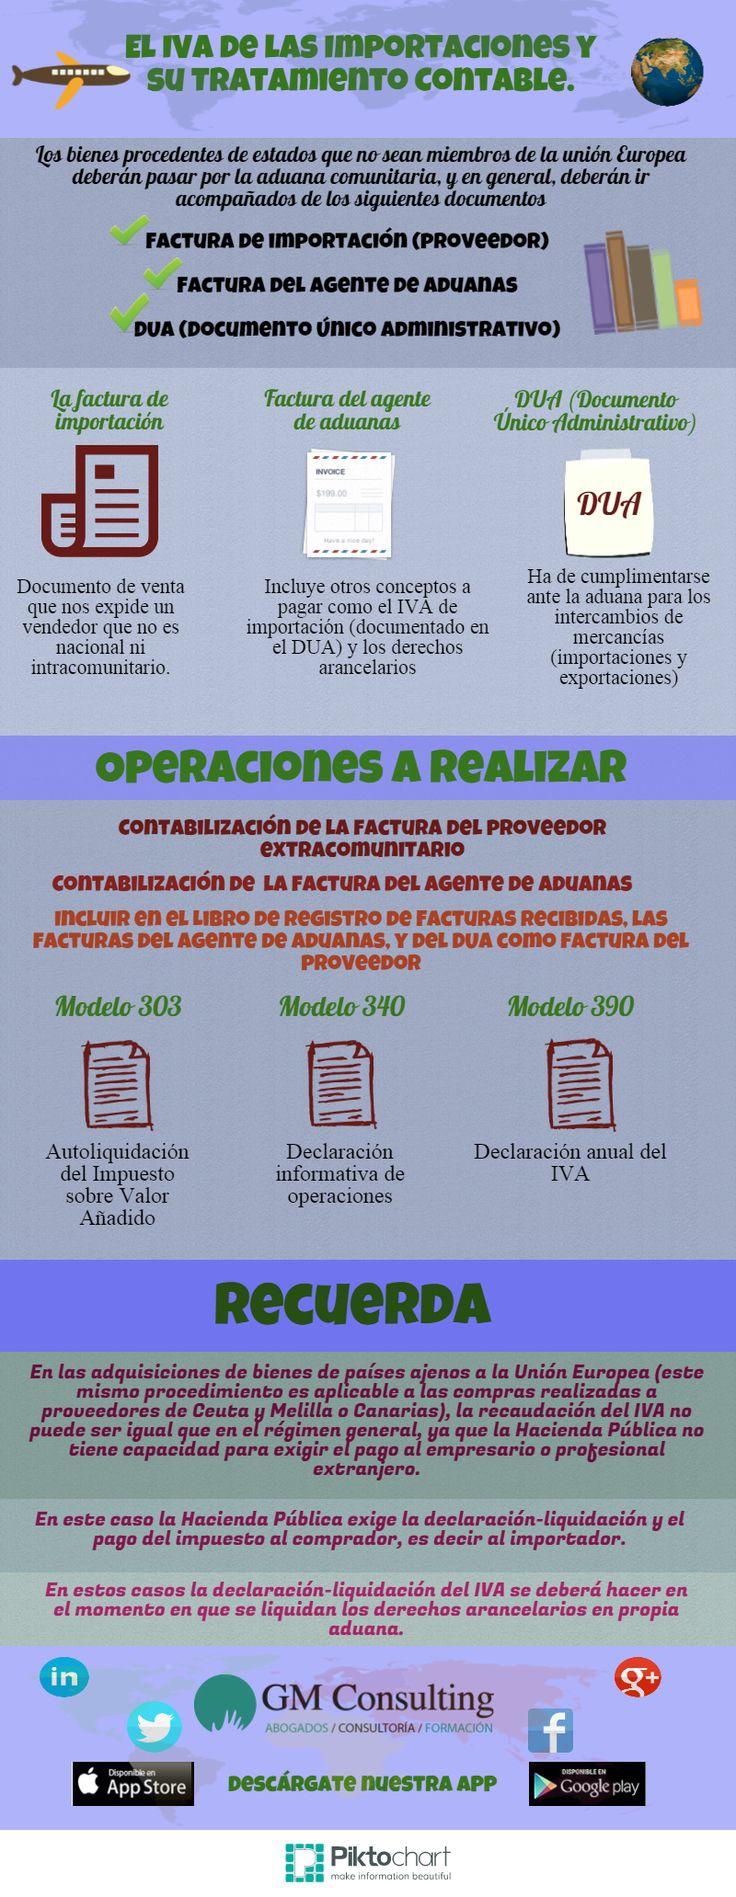 IVA en mportaciones